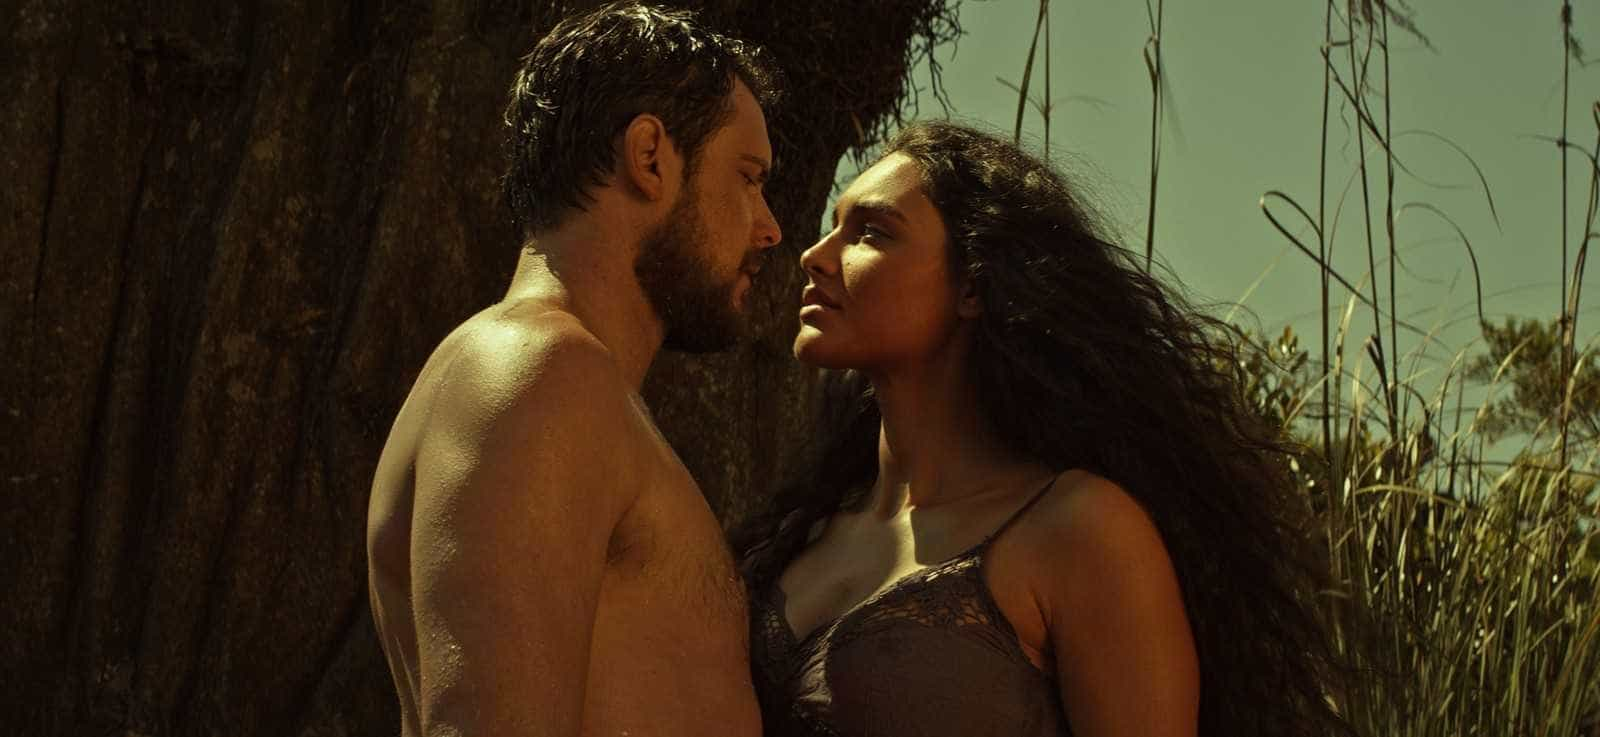 Sérgio Guizé diz que precisou 'entender o feminino' para filme